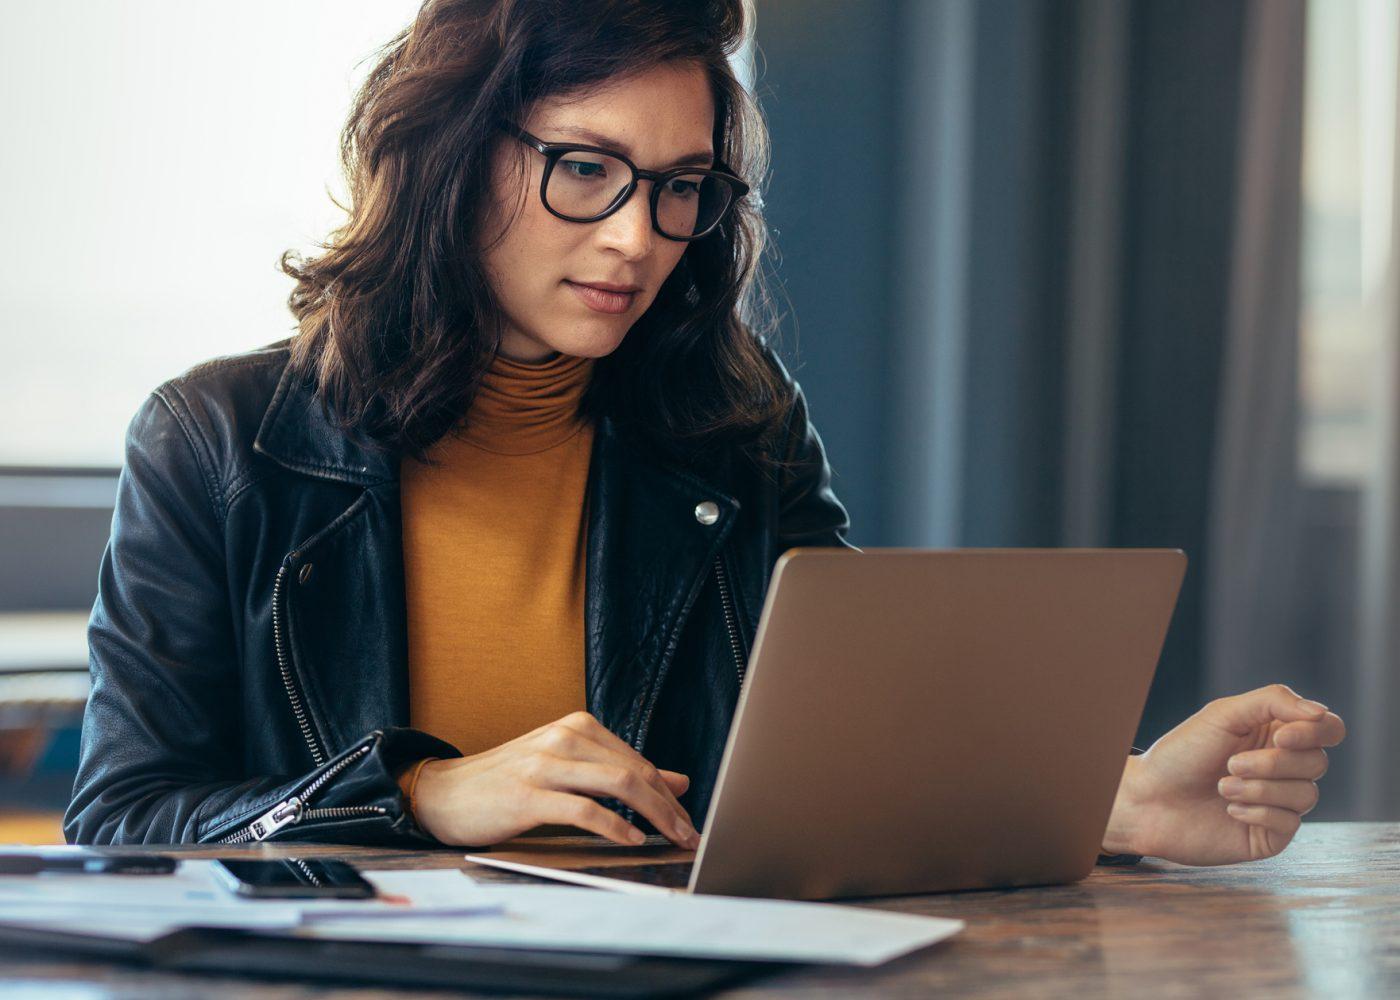 trabalhar no computador concentrada